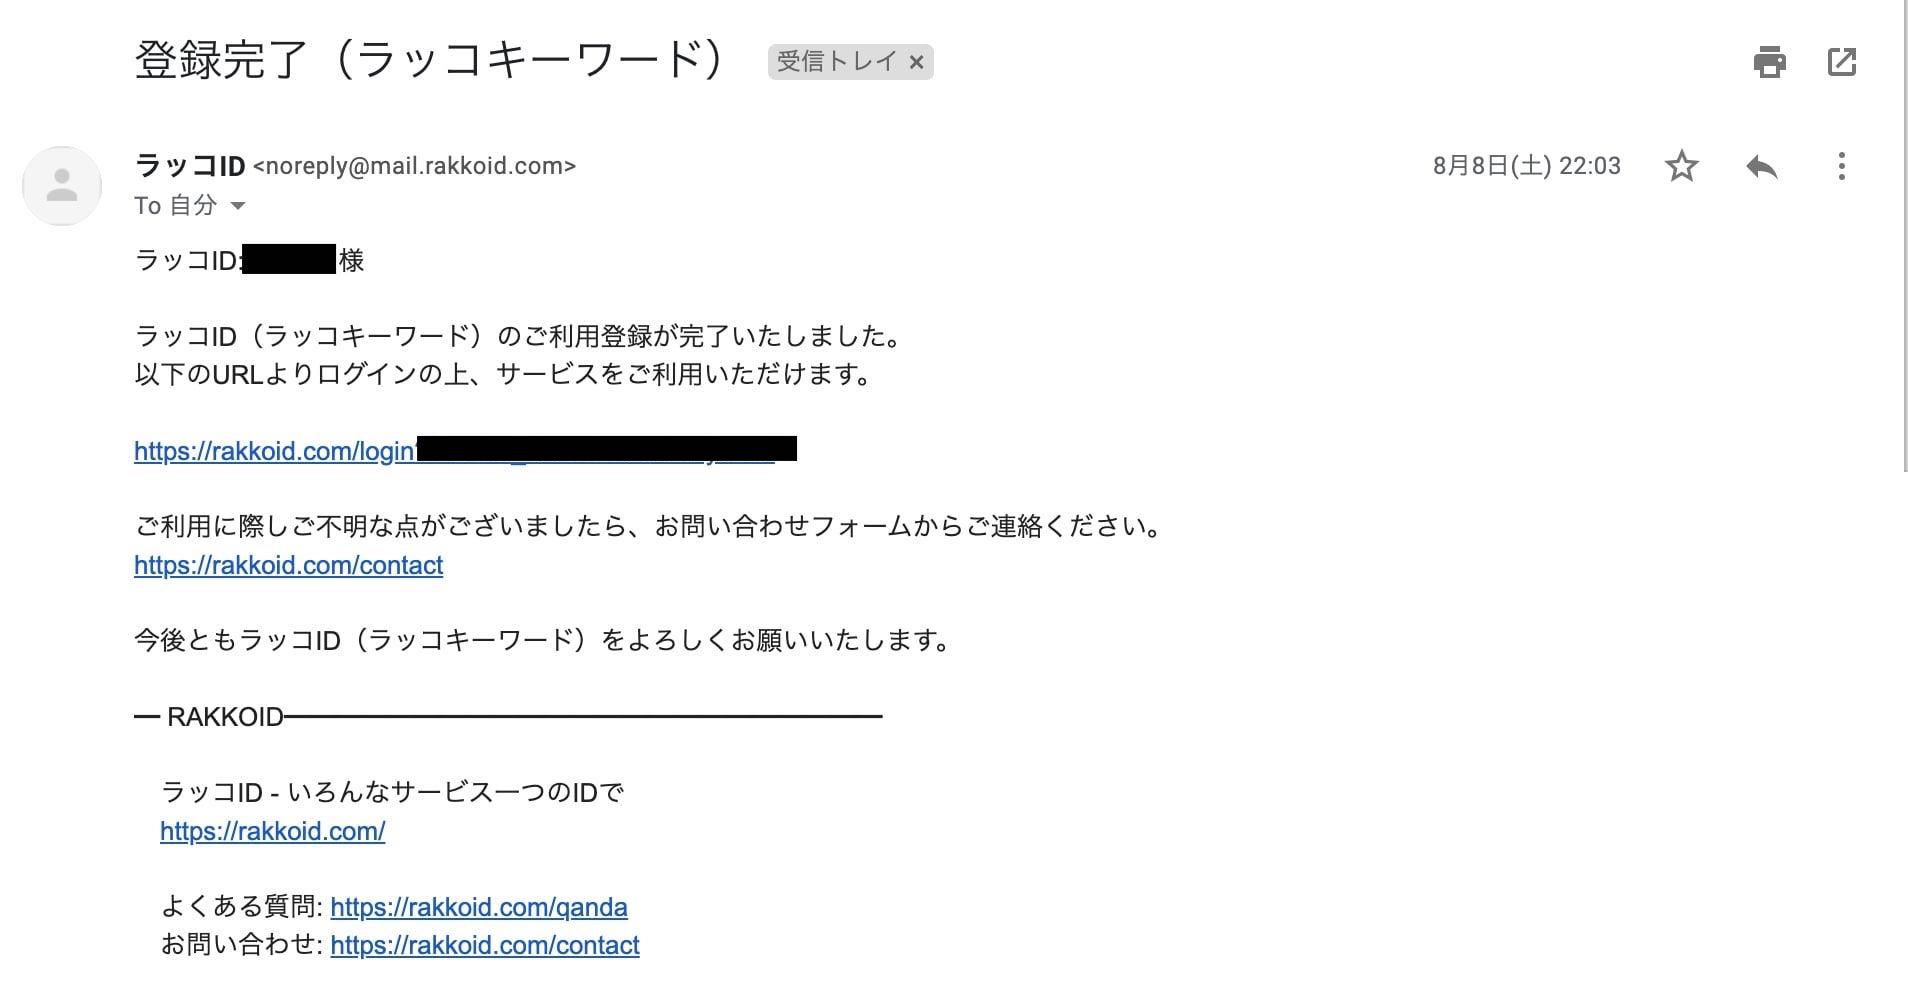 本登録が終了するとEメールに登録完了メールが届きます